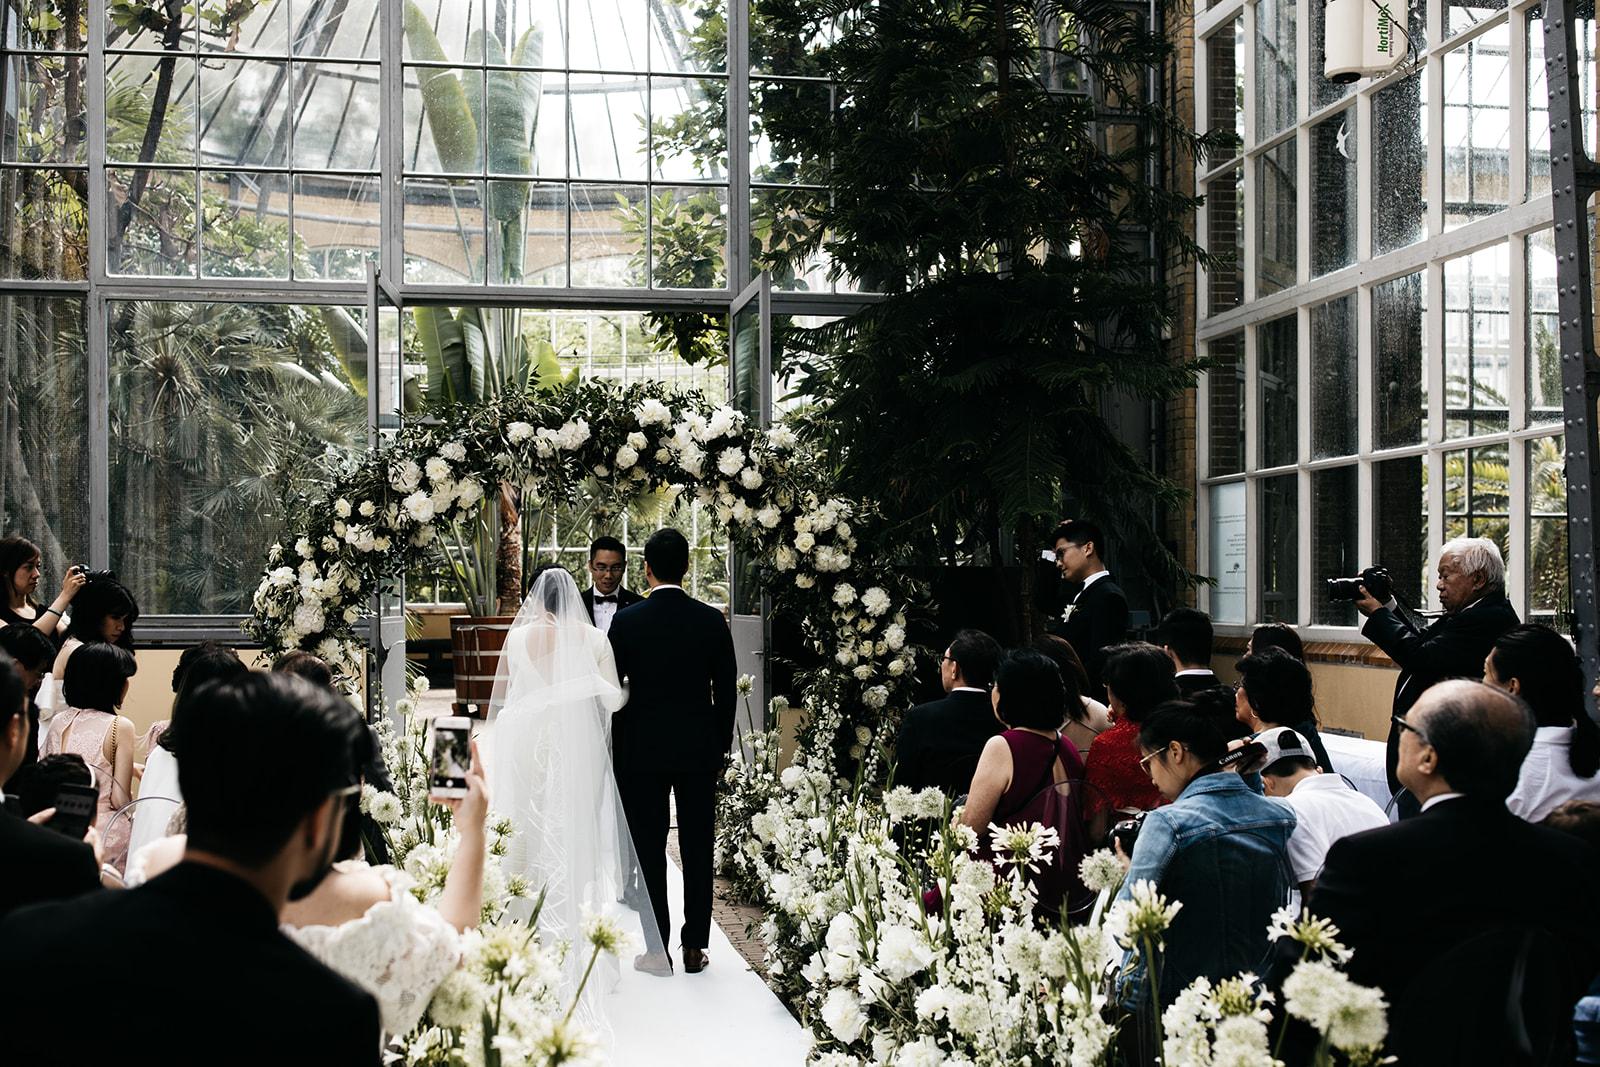 #apbloem #florist #kerkstraat #amsterdam #flowers #bloemen #bloemist #flowers #bouquet #boeket #arrangement #photoshoot #peony #bruiloft #trouwen #bloemenbezorgen #wedding #love #liefde #event #evenement #garden #tuin #bridalgown #bruidsjurk #justmarried #bridalcouple #weddingflowers #weddingphotography #weddinginspiration #white #field #veldbloemen #hortus #garden #greenhouse #ceremonie #ceremony